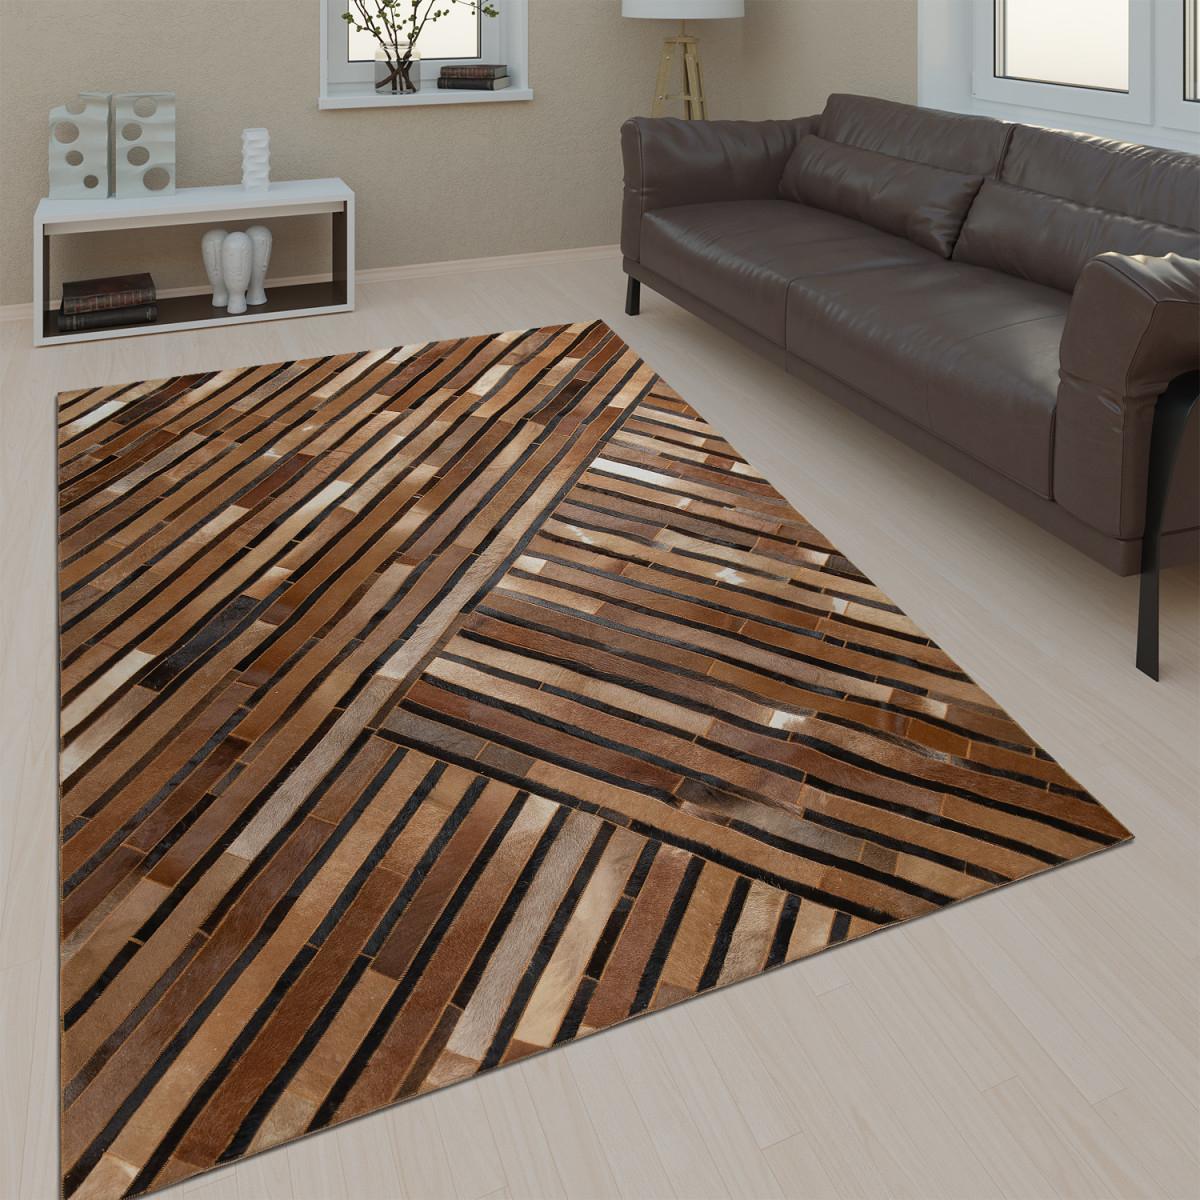 Details Zu Wohnzimmer Teppich Leder Wolle Modern Muster Streifen In Braun  Grau Schwarz von Wohnzimmer Teppich Braun Bild